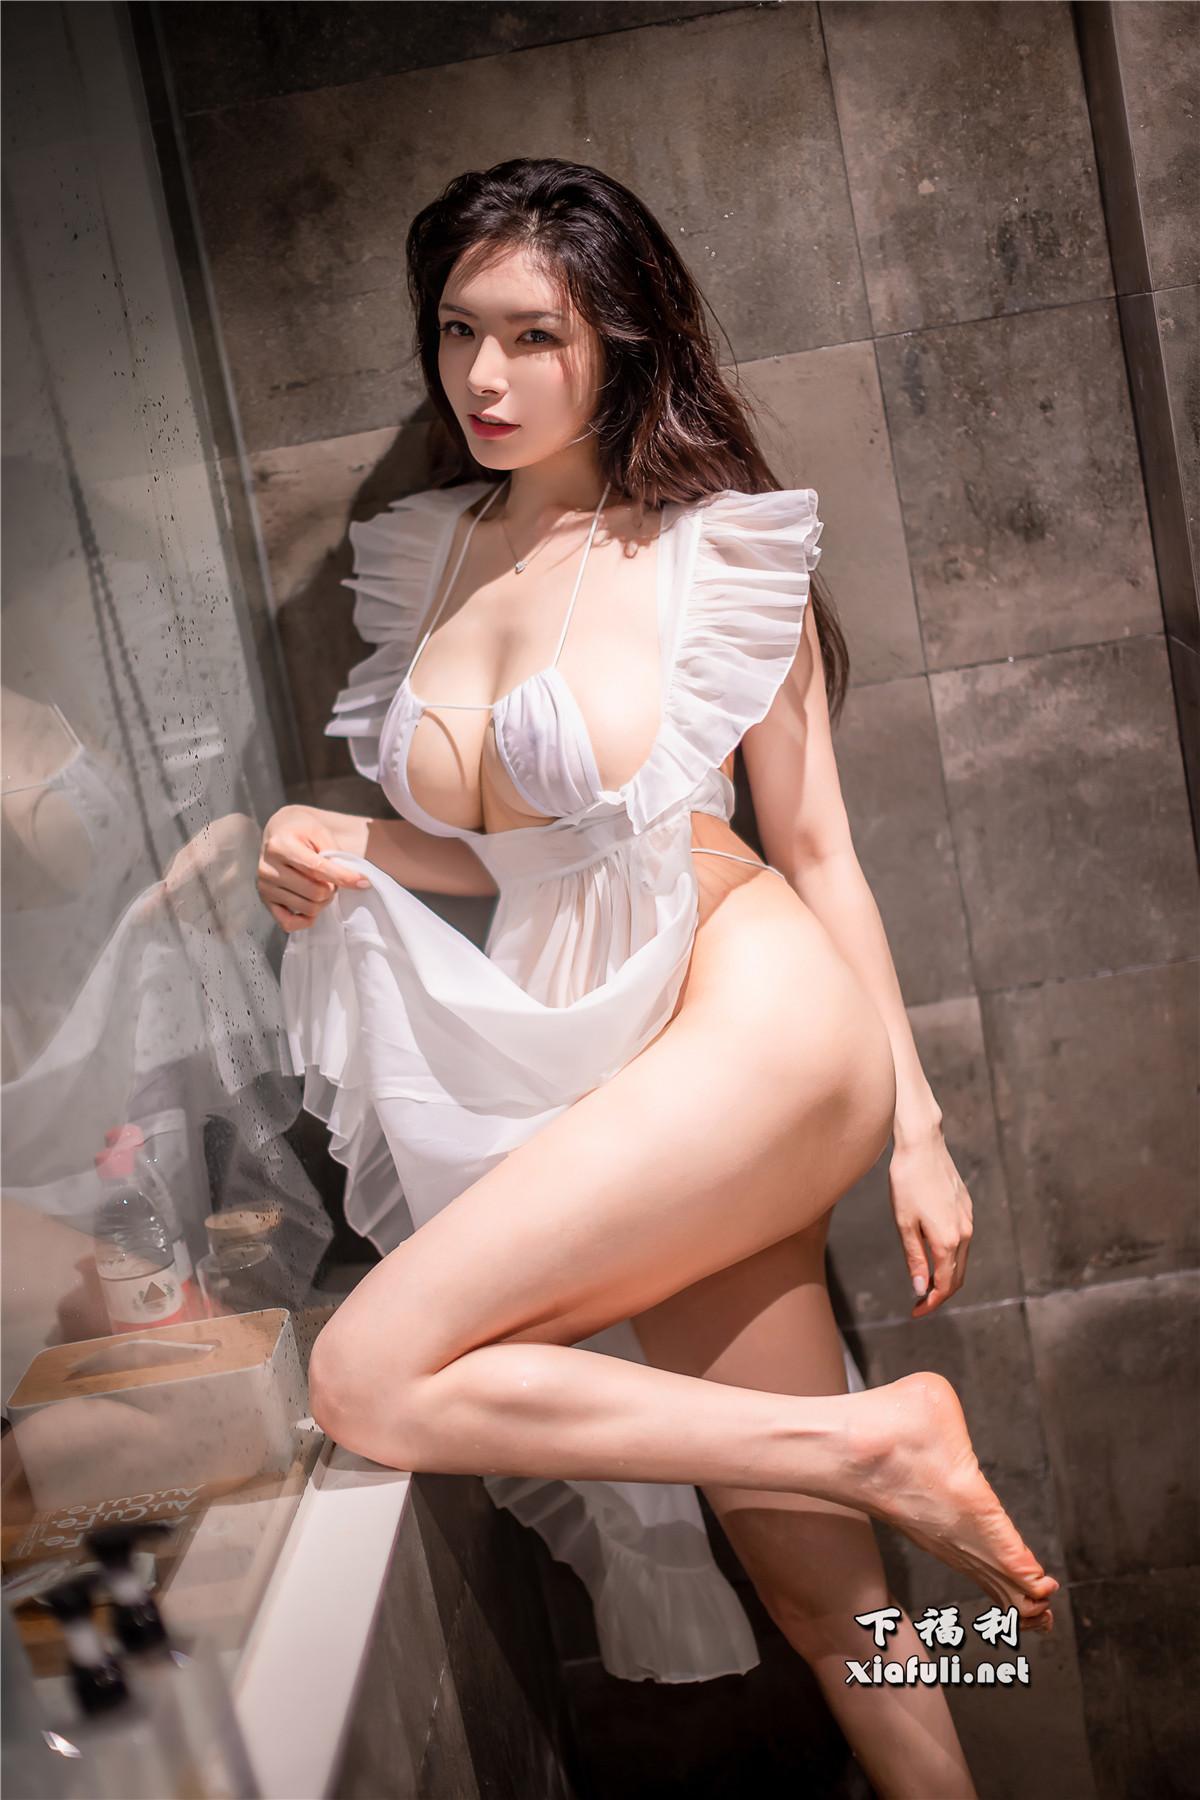 秋和柯基 透明围裙2-湿漉漉的浴室[59P 1.41G]插图